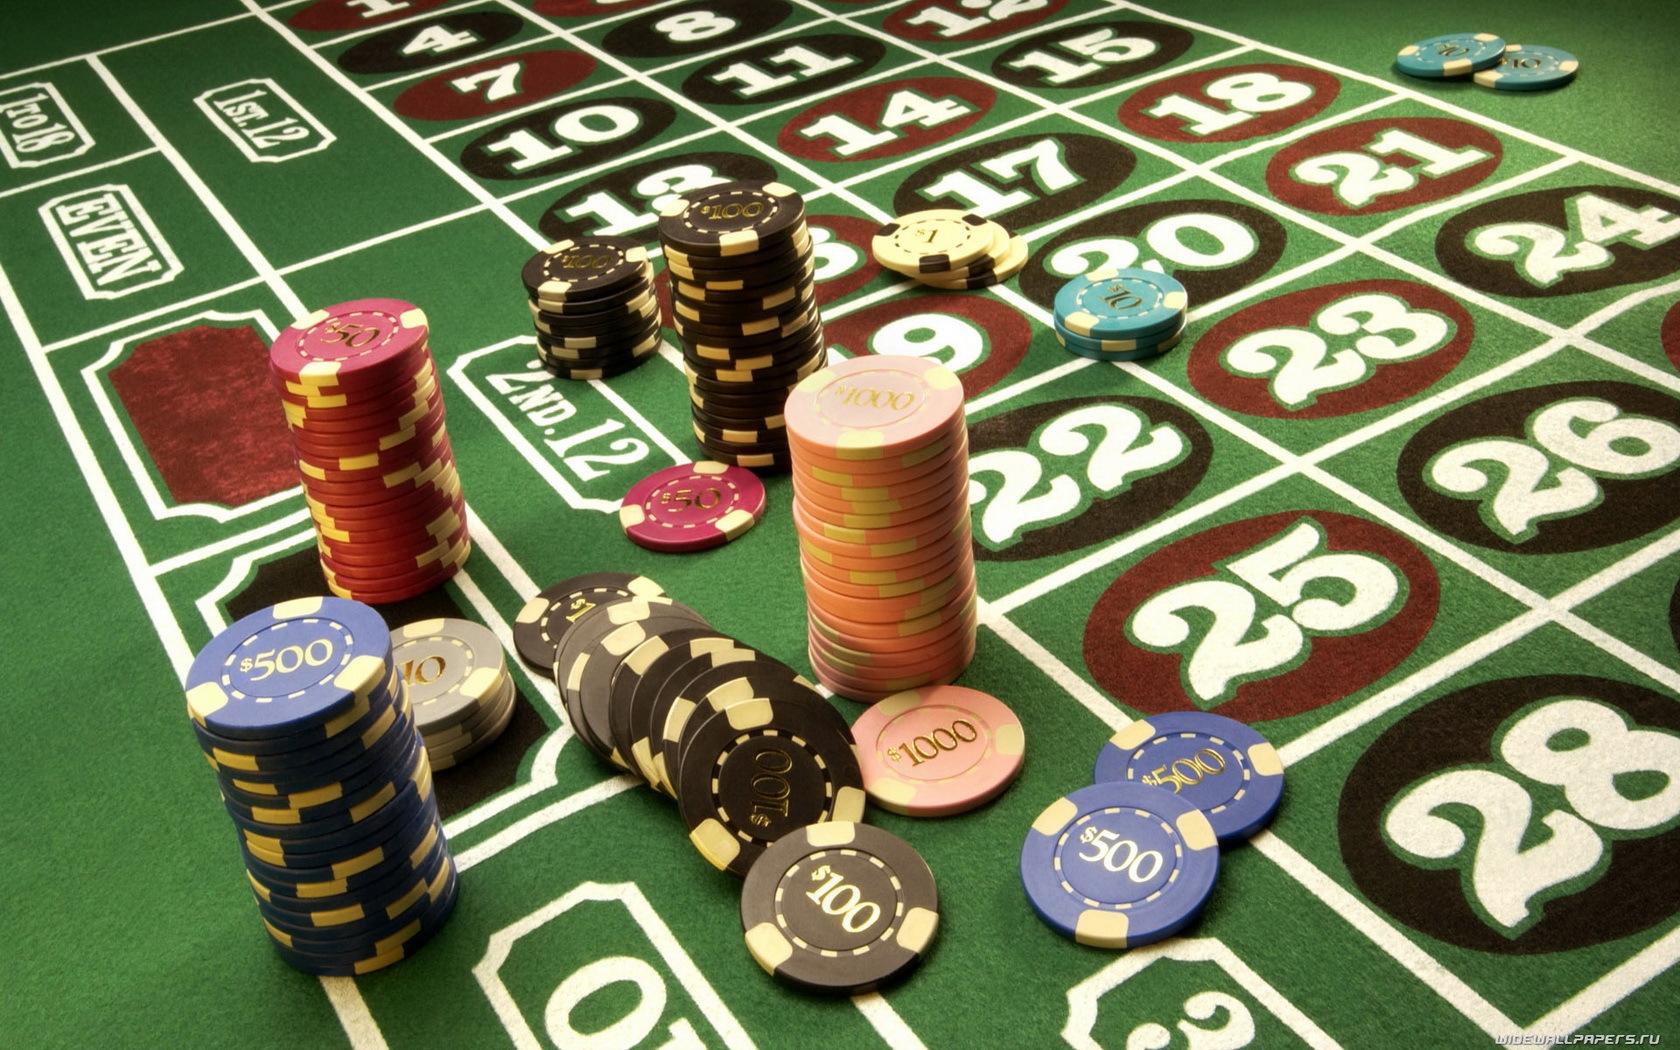 Інтернет казино Казахстан закону Компютерної гри казино безкоштовно